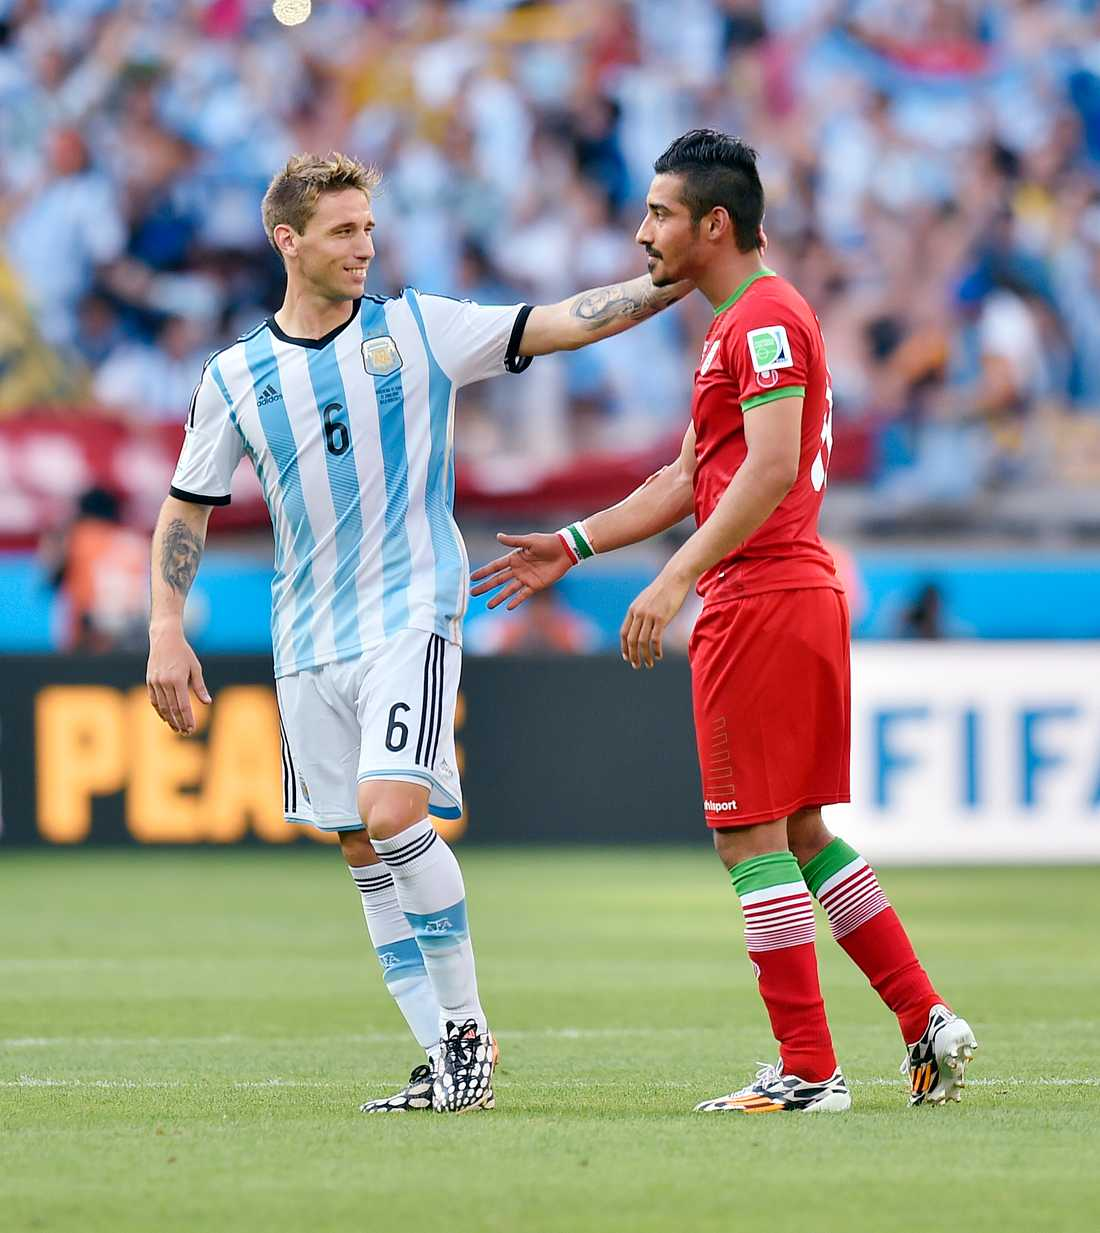 """Expertkommentarerna i tv under matchen mellan Argentina och Iran genomsyrades av fördomar om """"De andra"""", menar debattören."""